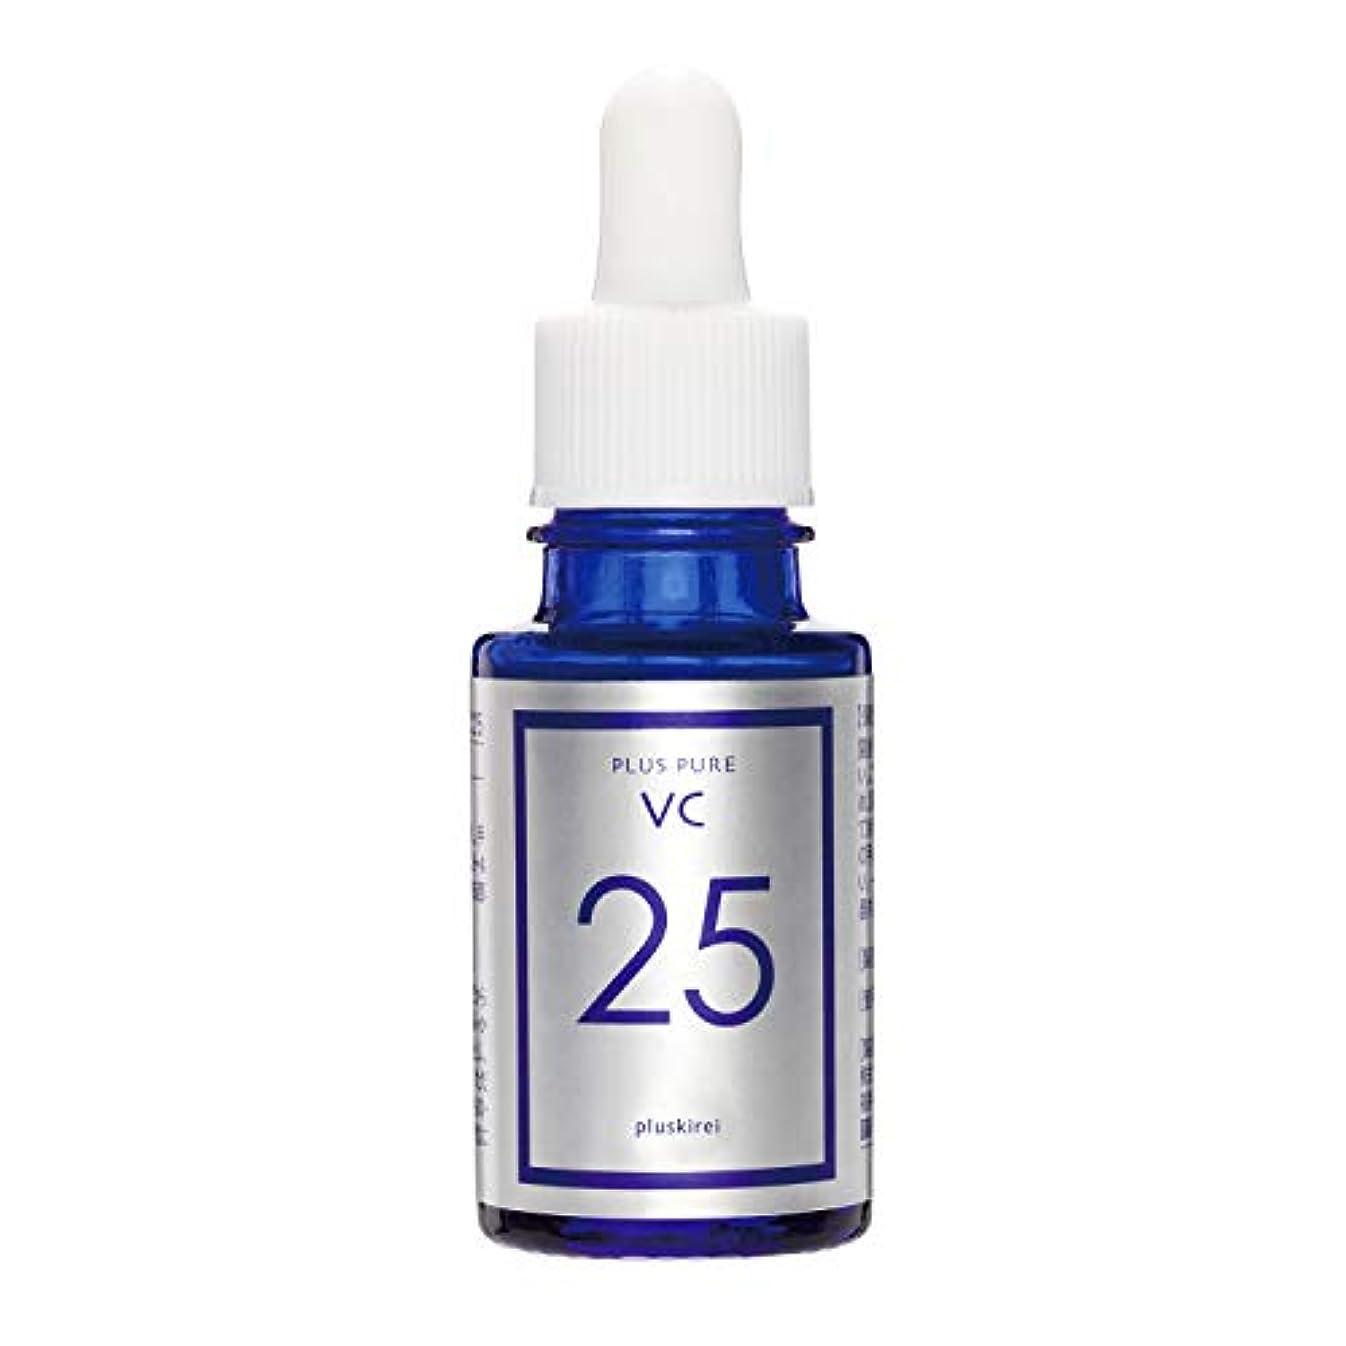 結晶ペット気になるビタミンC 美容液 プラスキレイ プラスピュアVC25 ピュアビタミンC25%配合 両親媒性美容液 (10mL(約1ケ月分))